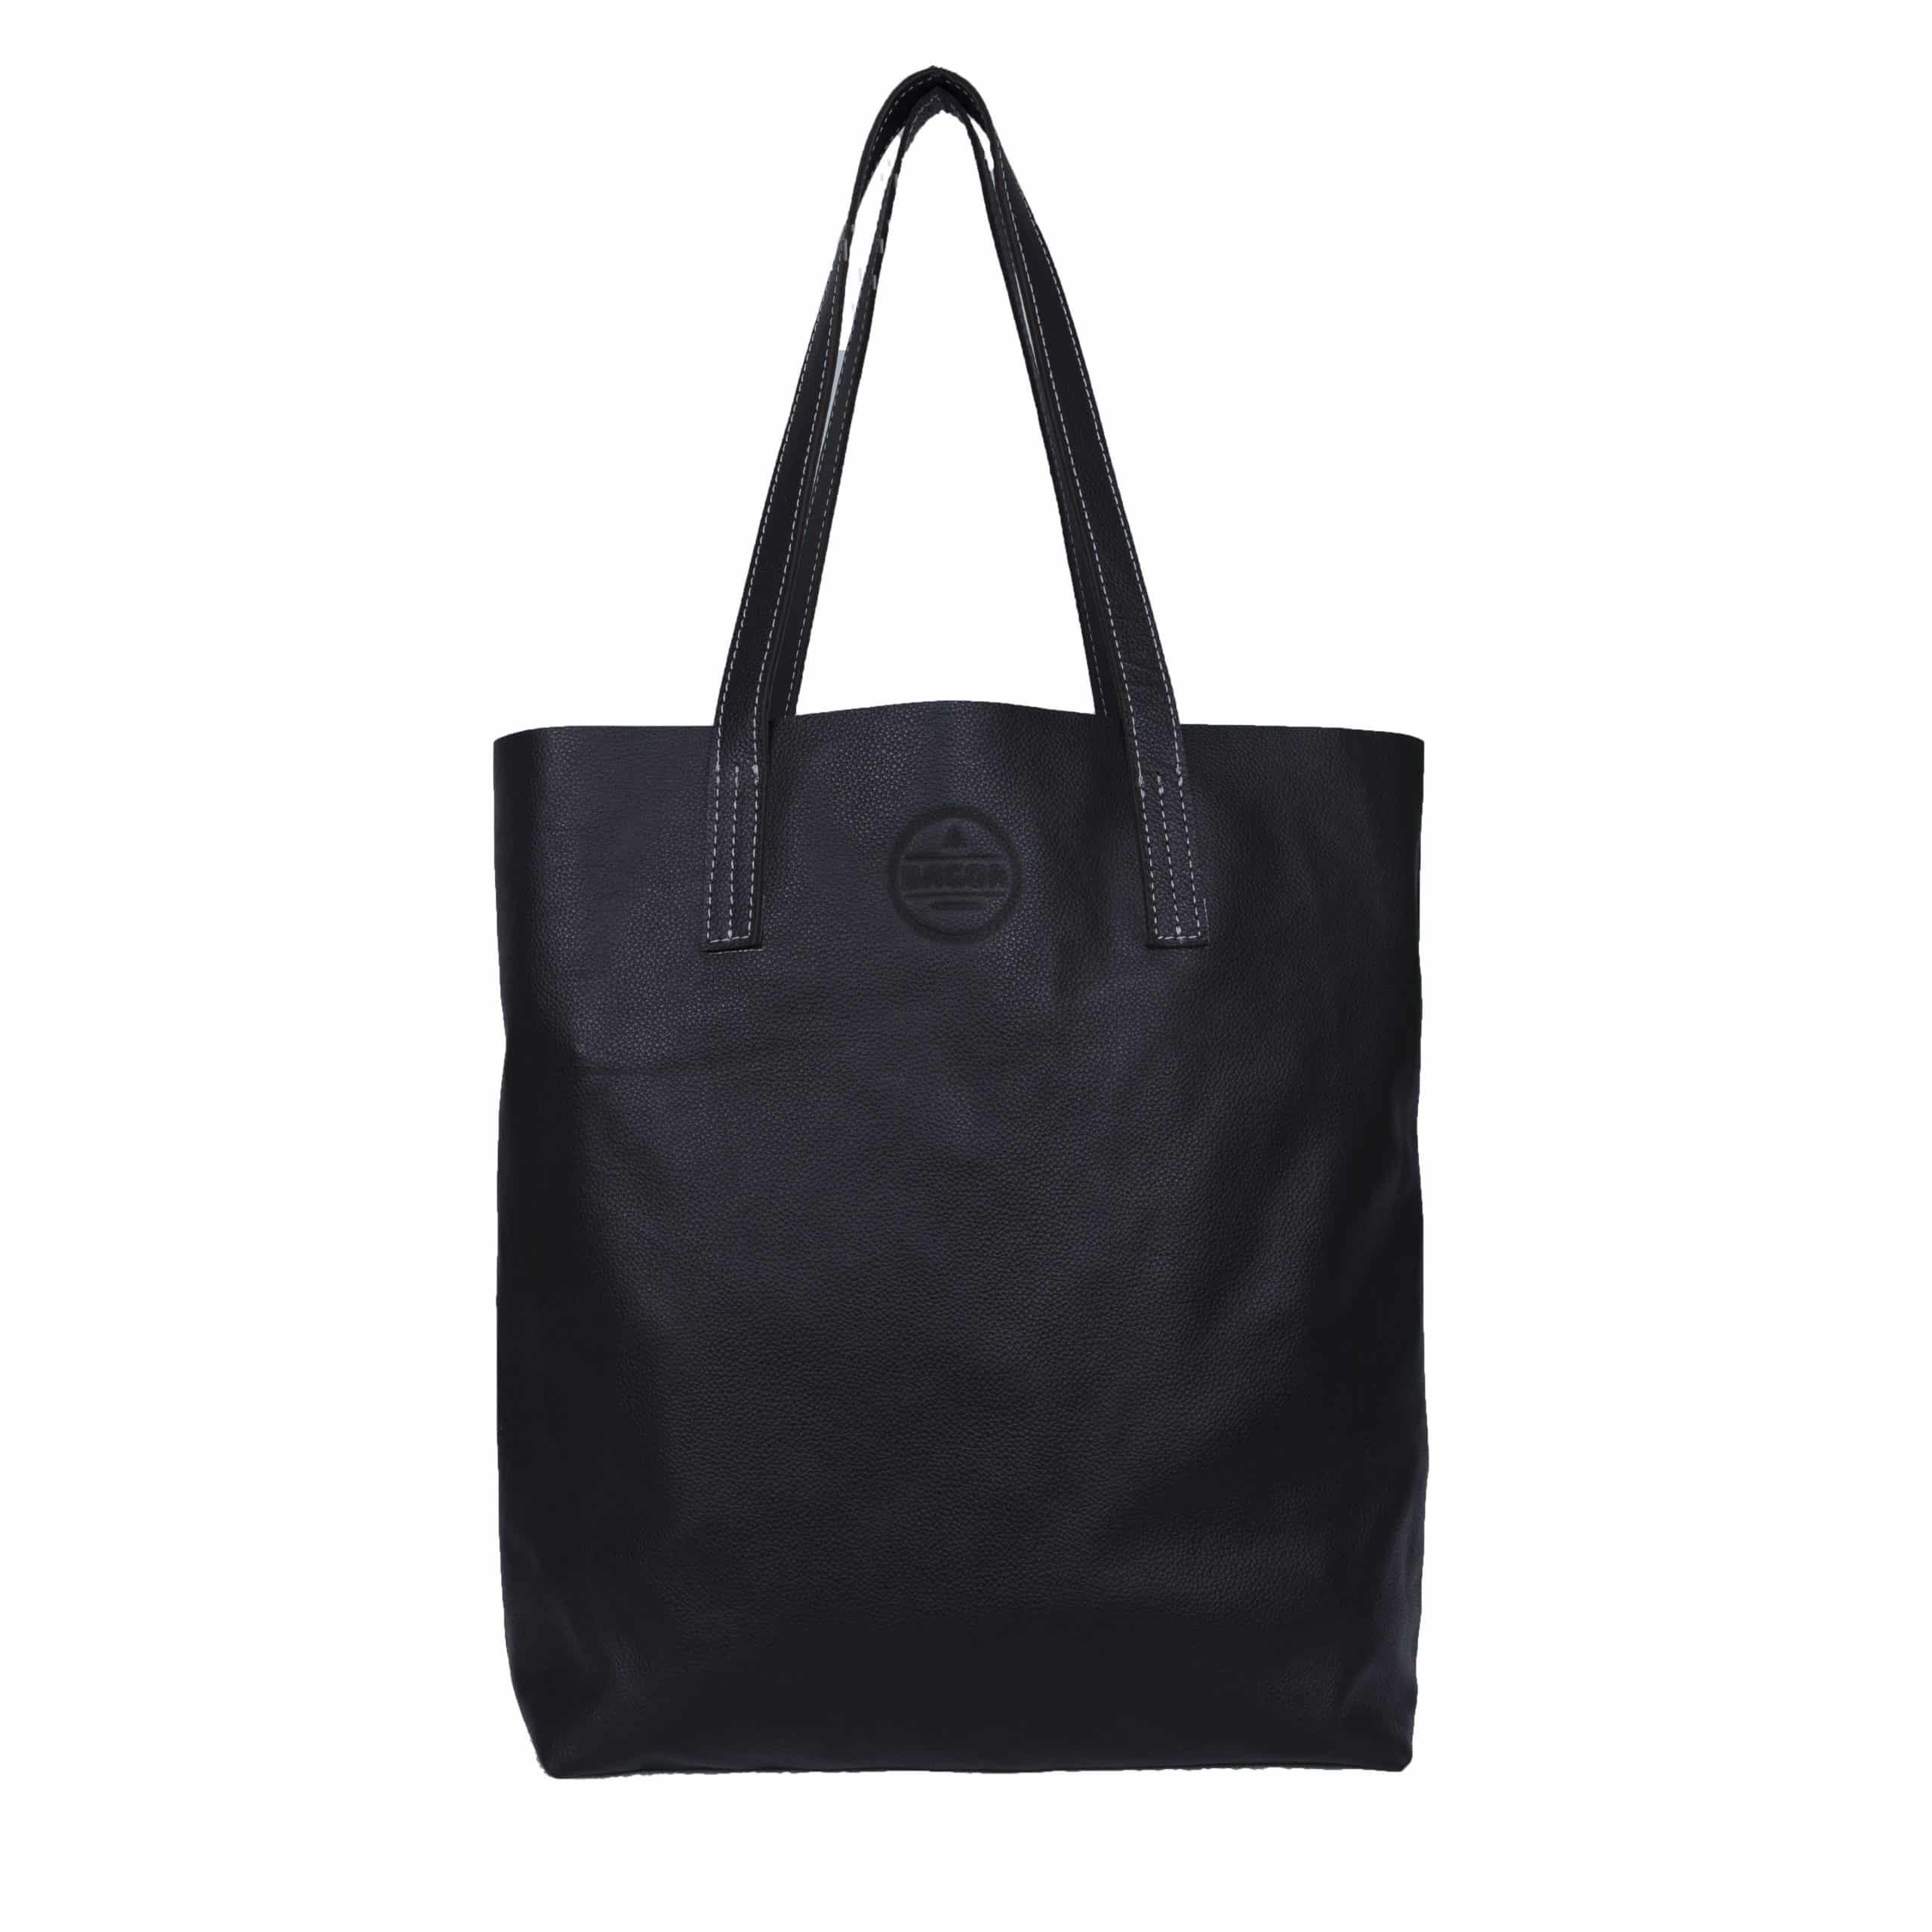 7e187d26083 leren zwarte shopper bagoa amisha. amisha bagoa zwarte shopper.  Amisha_bagoa_closeup. Amisha_bagoa_wit_schuinrechts.  Amisha_bagoa_wit_voor1. Previous